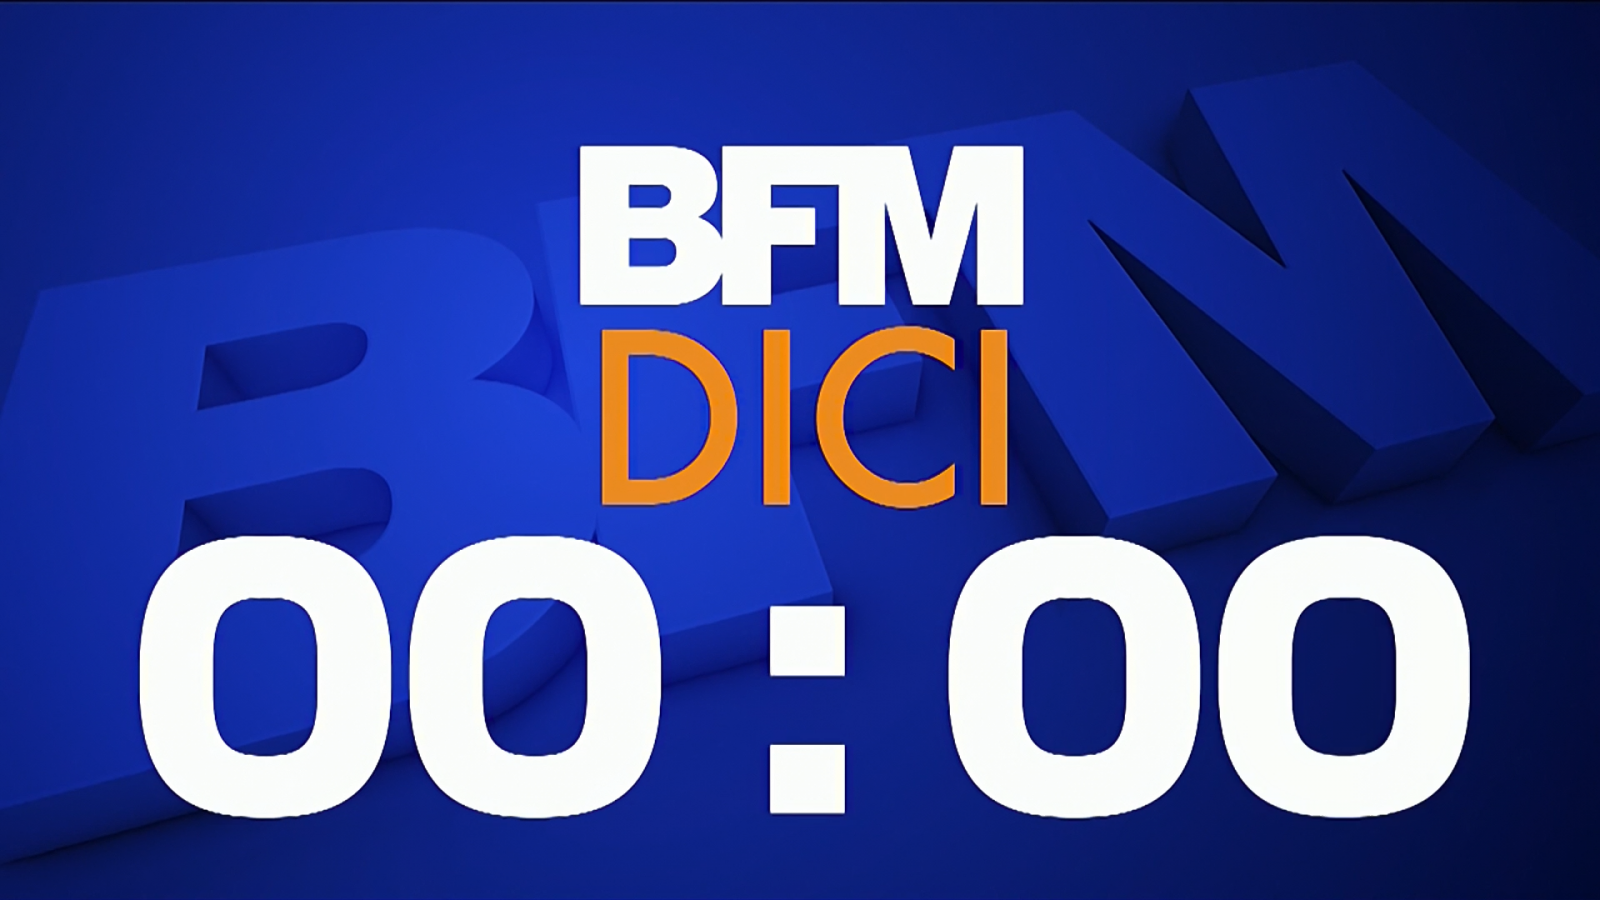 C'est parti pour la nouvelle chaîne de BFMTV sur les Freebox et les box d'Orange, SFR et Bouygues - Univers Freebox